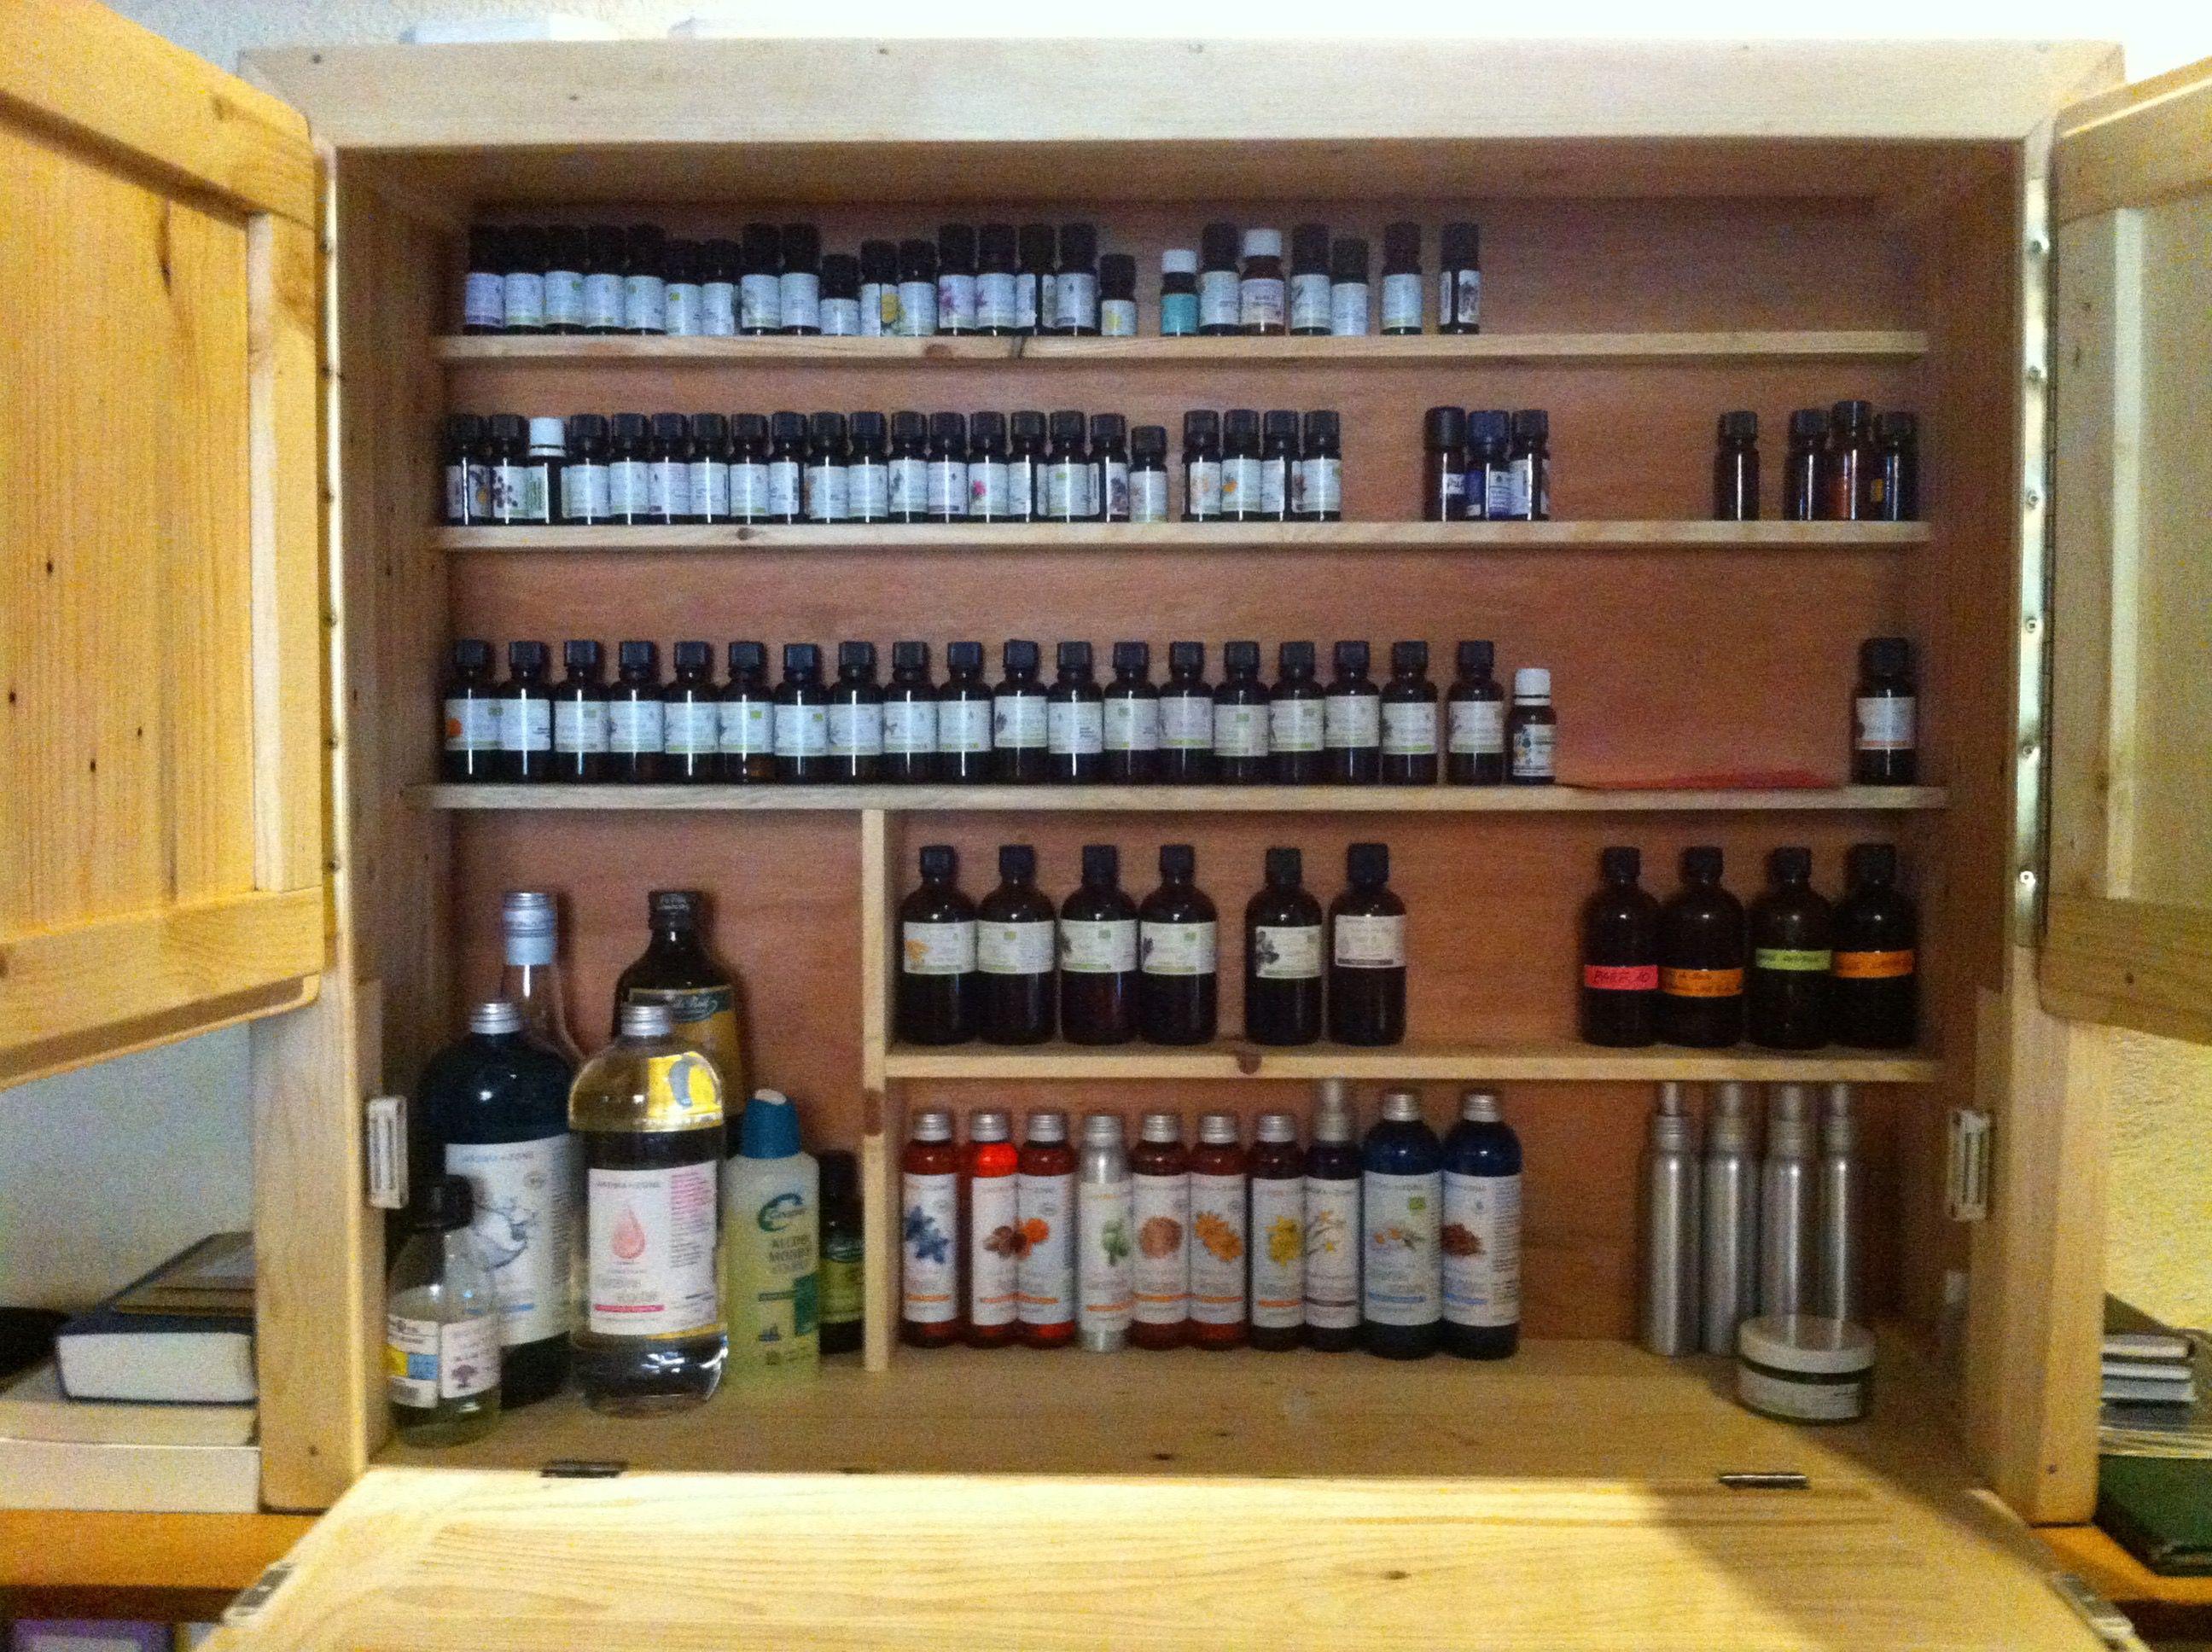 rangement pour huiles essentielles en bois de palettes accessoires pinterest essentiel. Black Bedroom Furniture Sets. Home Design Ideas